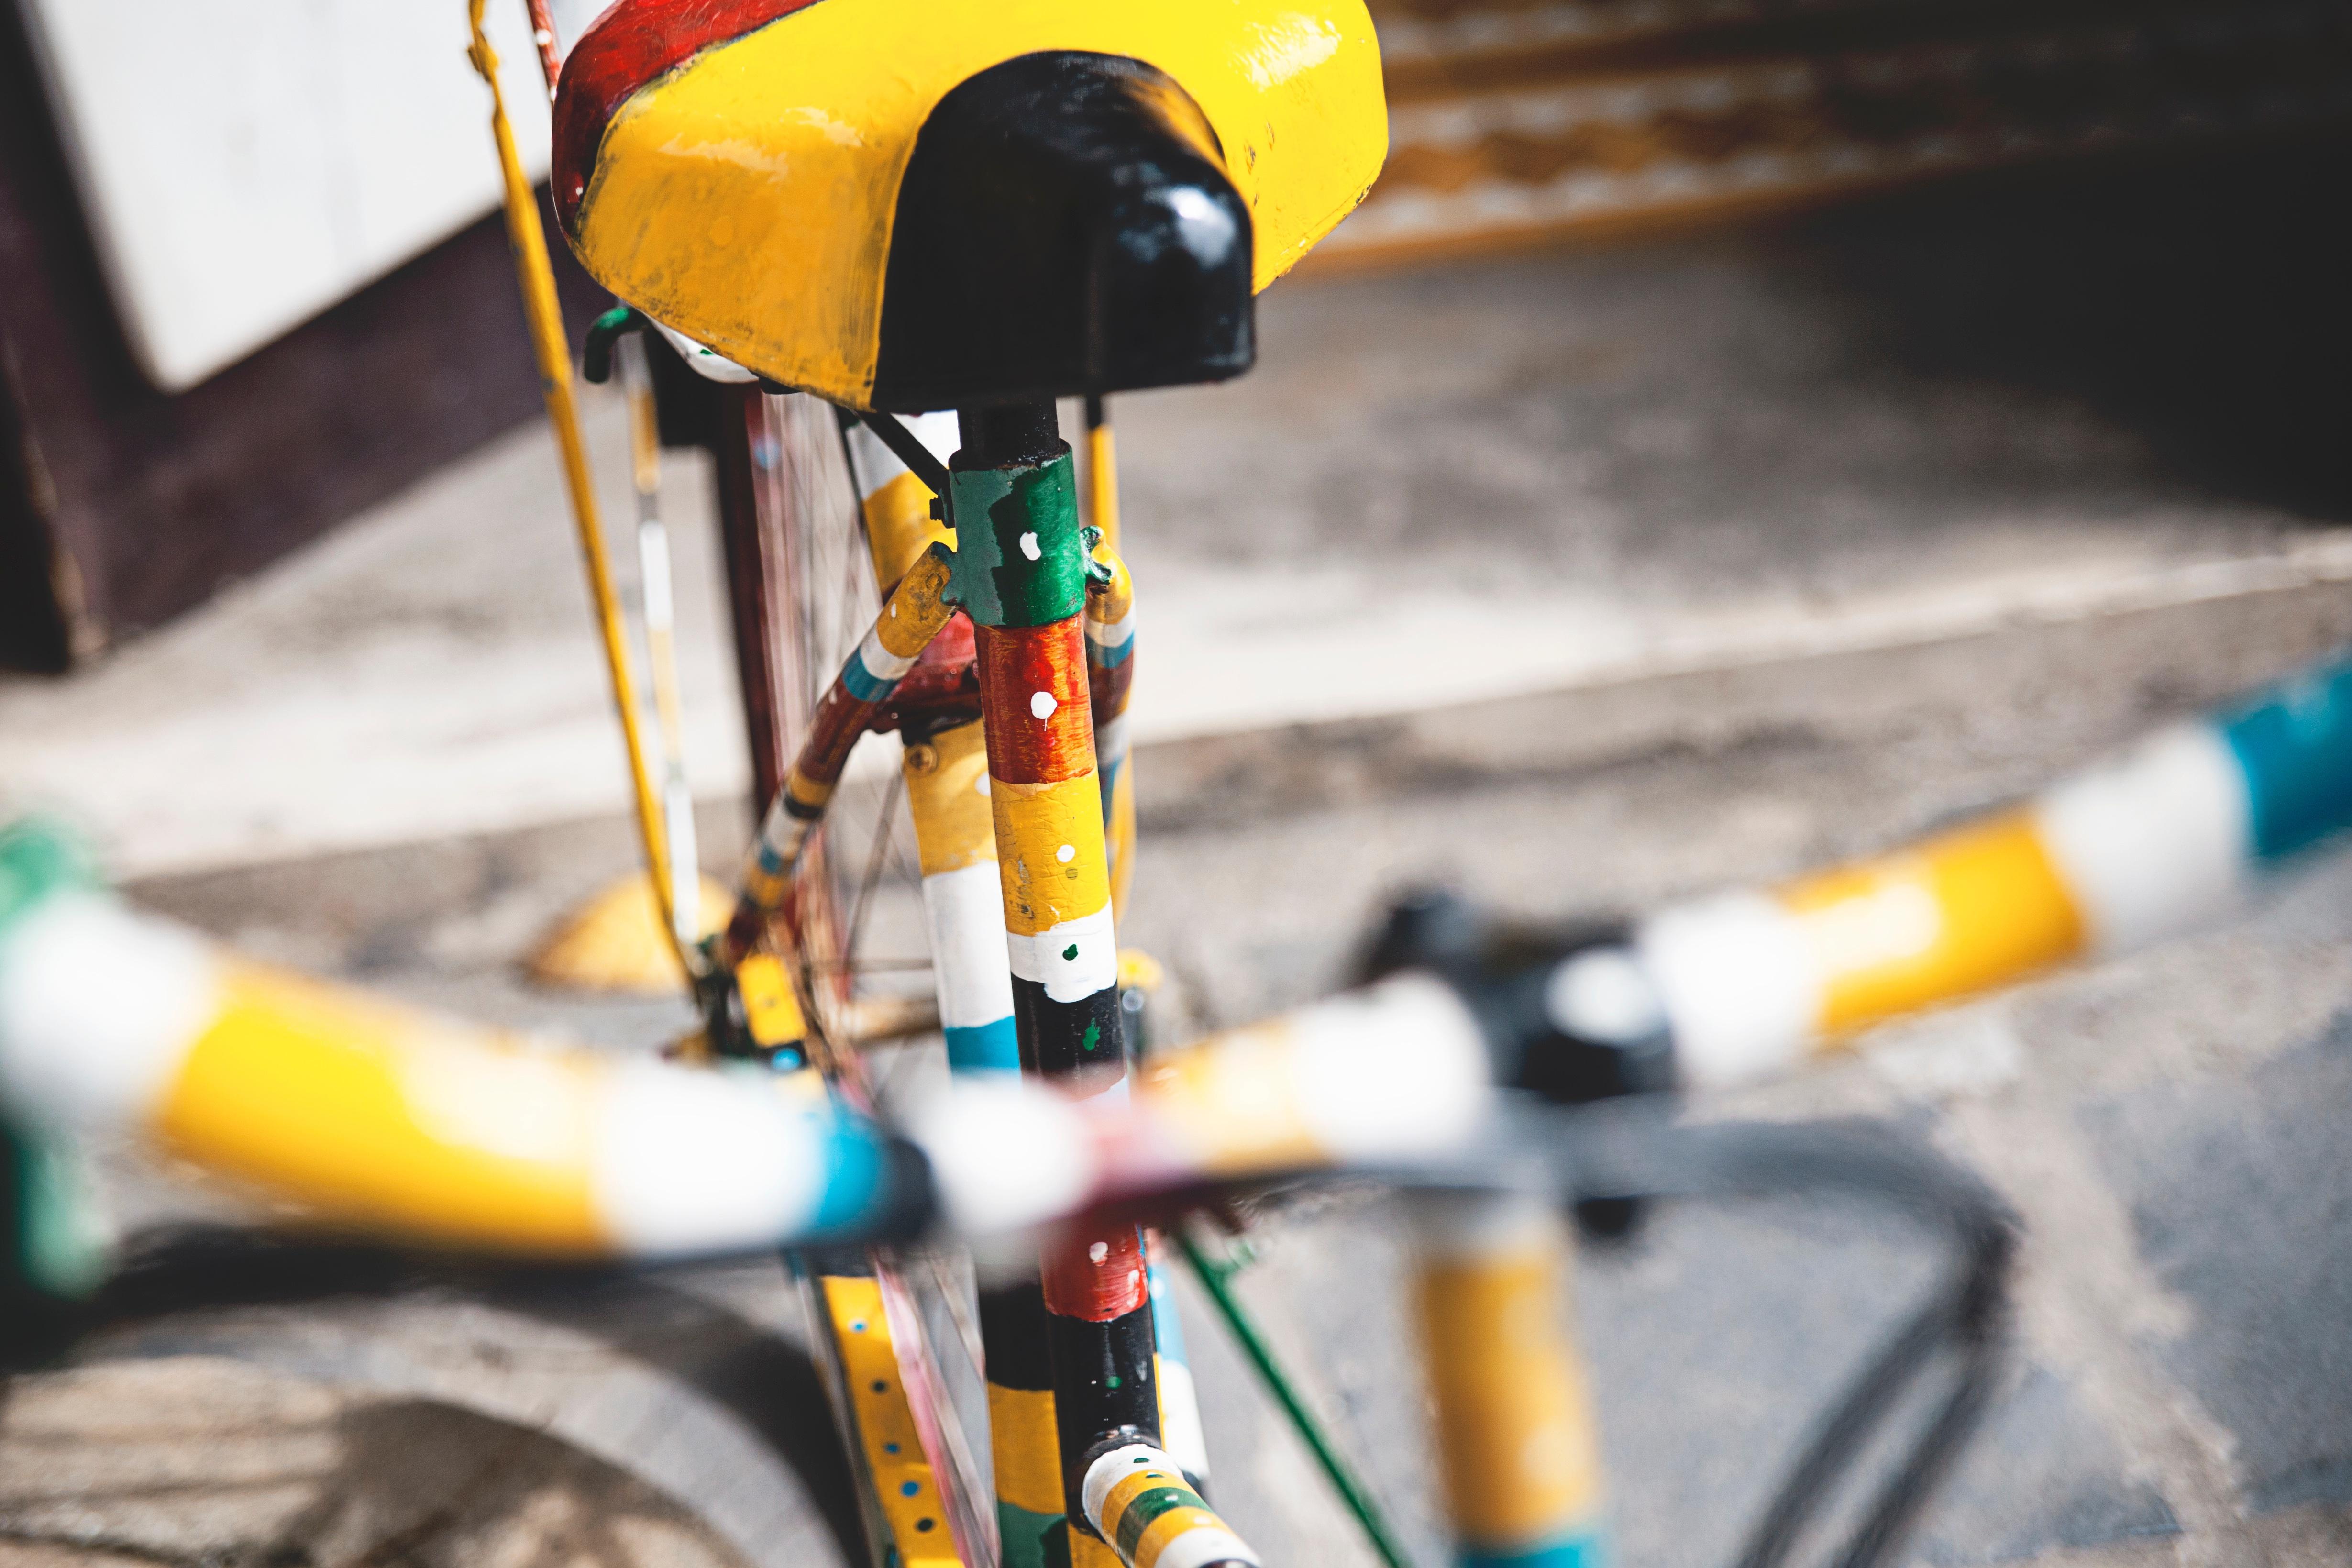 Kostenlose foto : Fahrrad, Fahrzeug, Farbe, bunt, Gelb ...